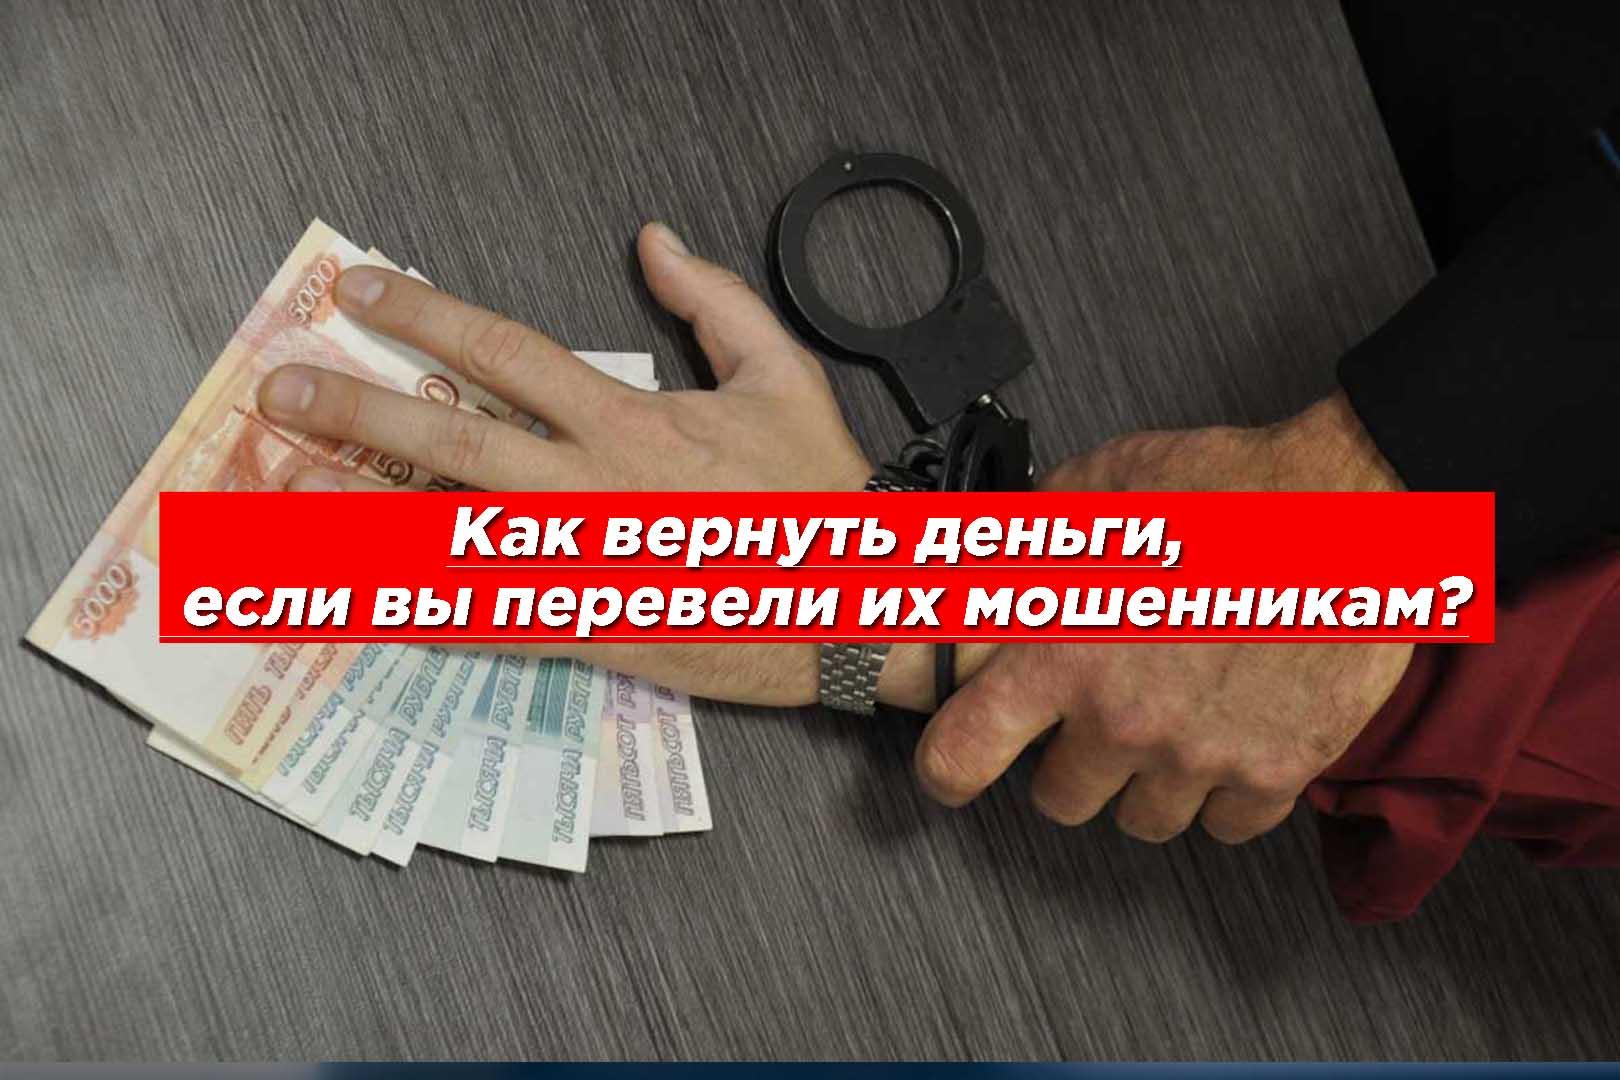 Как вернуть деньги, если вы перевели их мошенникам